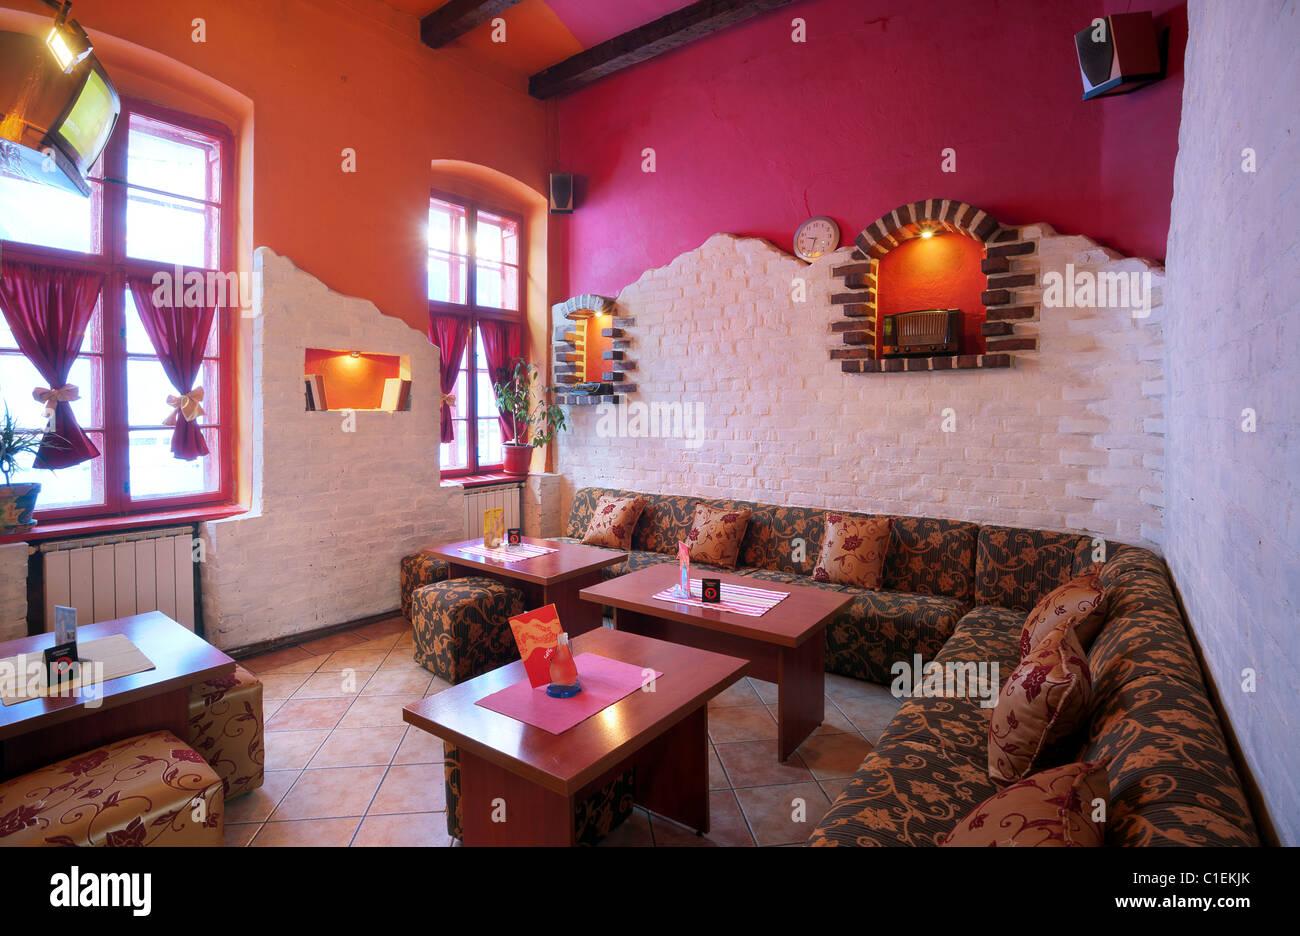 Interior Cafe Mainstream Pop Style Stockfotos & Interior Cafe ...